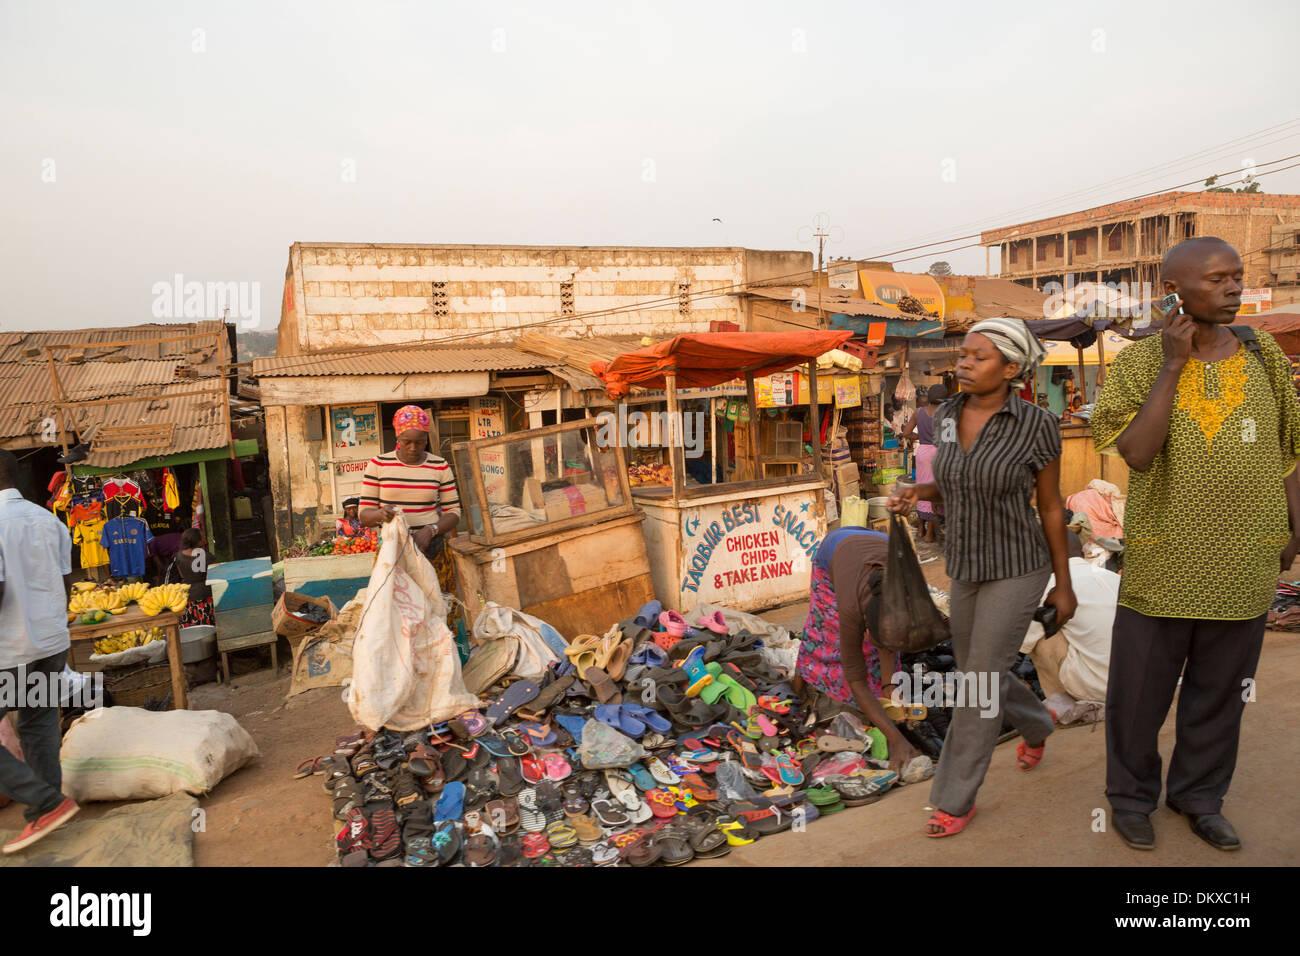 Trottoir occupé à Kampala, en Ouganda, en Afrique de l'Est. Photo Stock